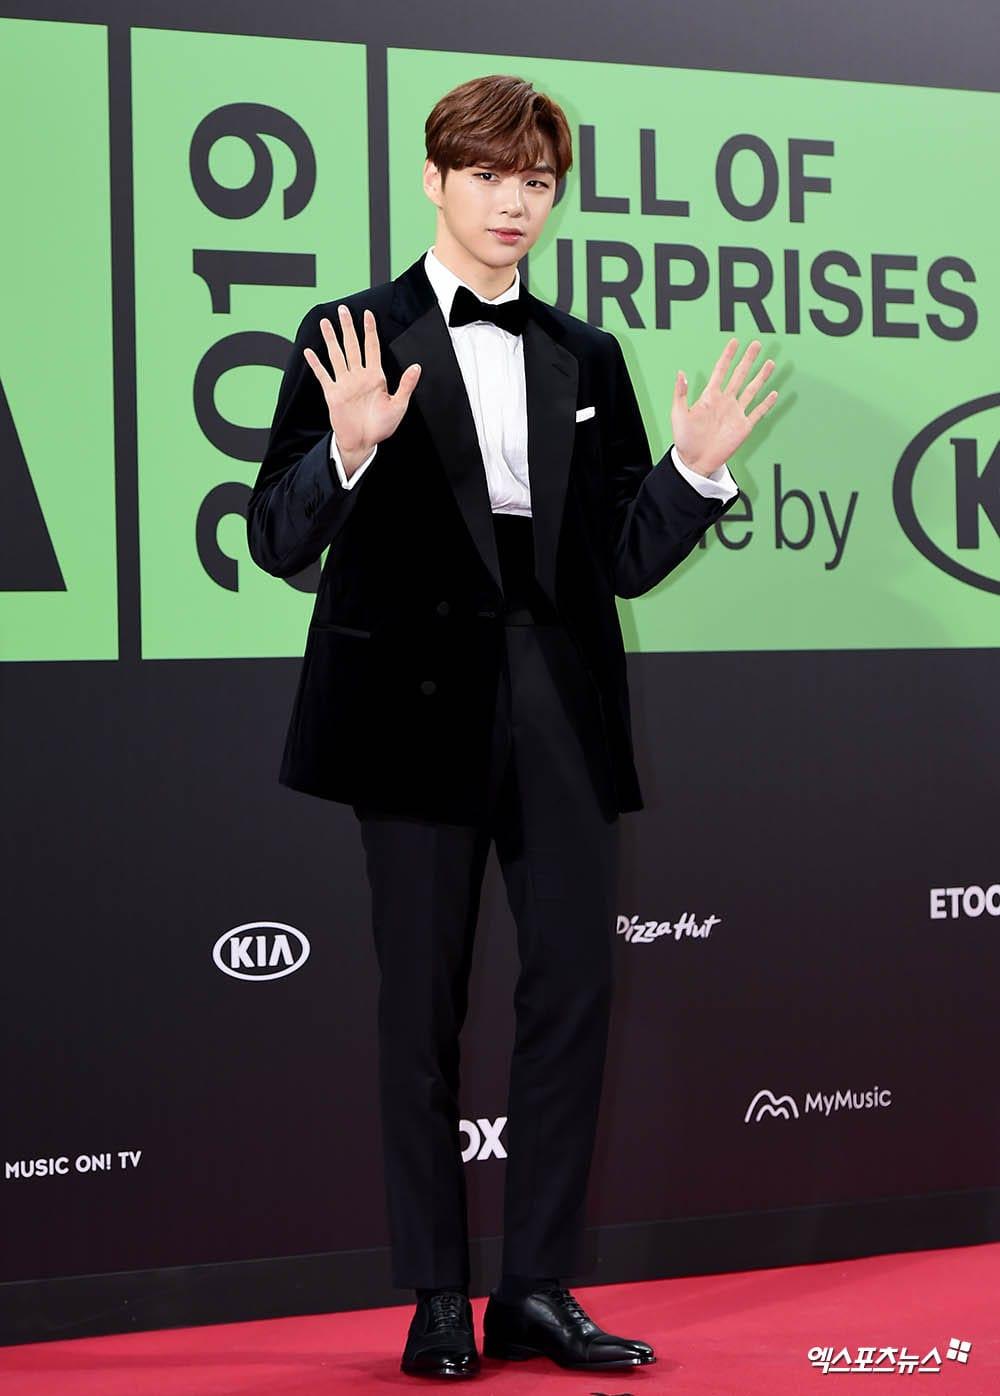 Los 10 mejores grupos y solistas de K-pop de 2019: Kang Daniel